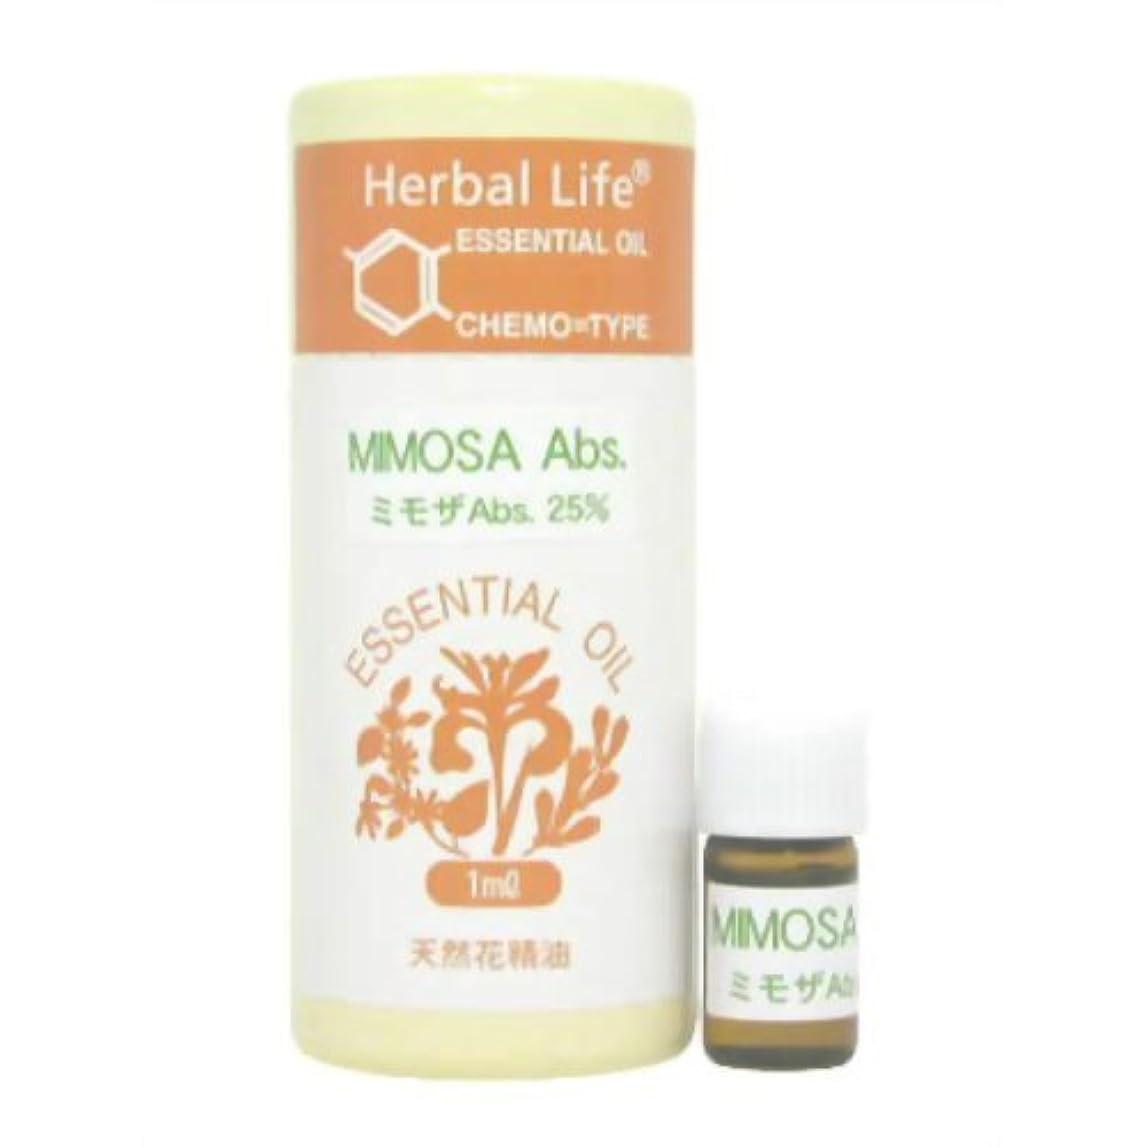 辞書期間観察生活の木 Herbal Life ミモザAbs(25%希釈液) 1ml